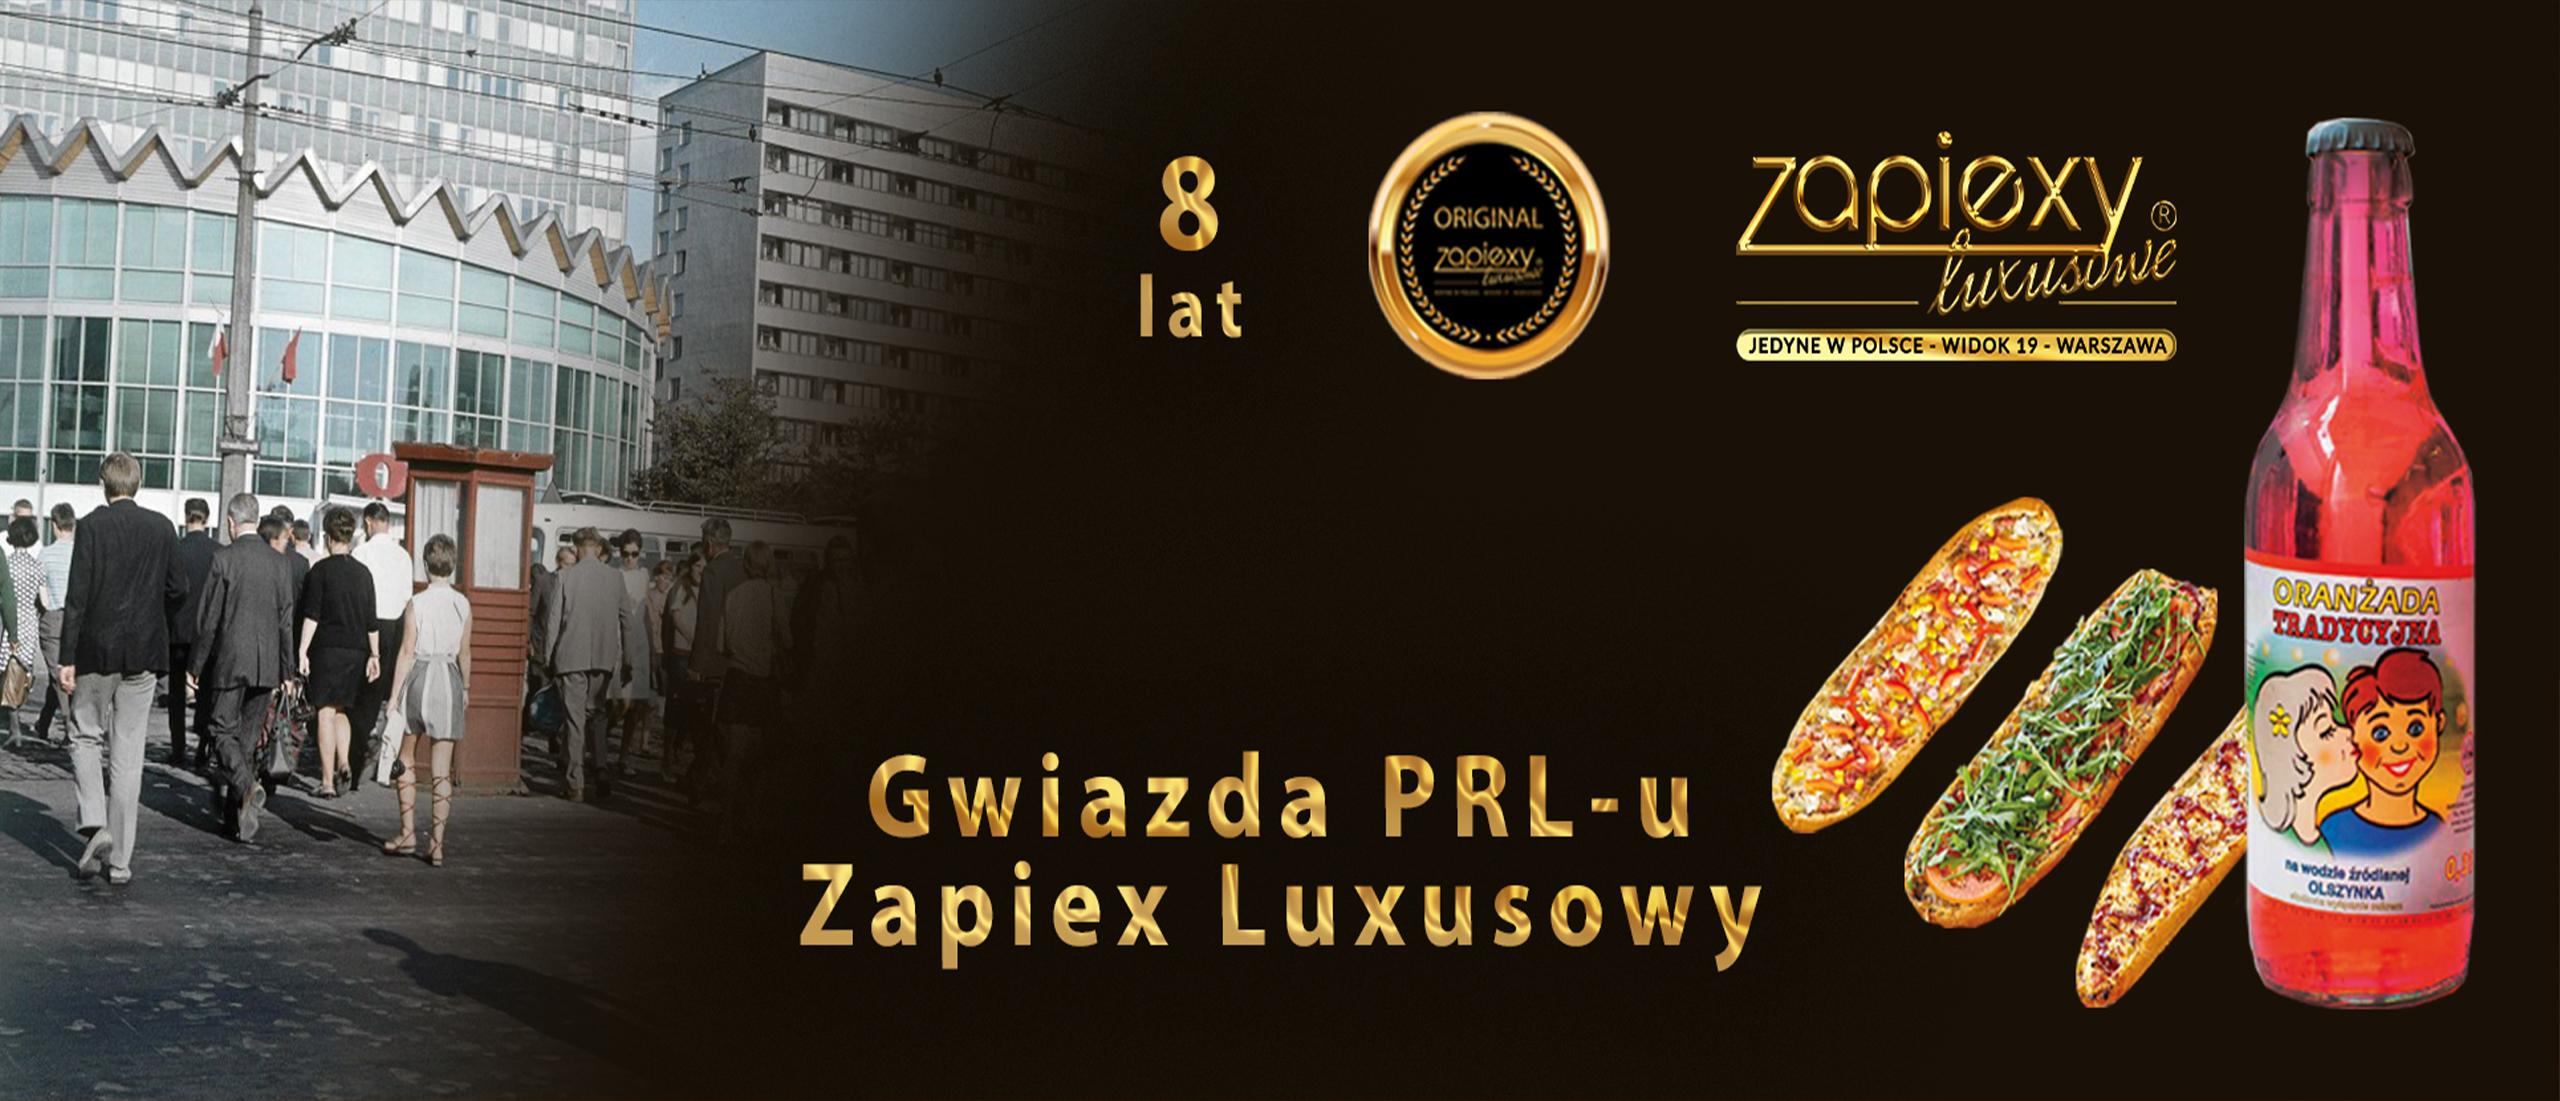 ZAPIEXY LUXUSOWE - SMAK PRL`U